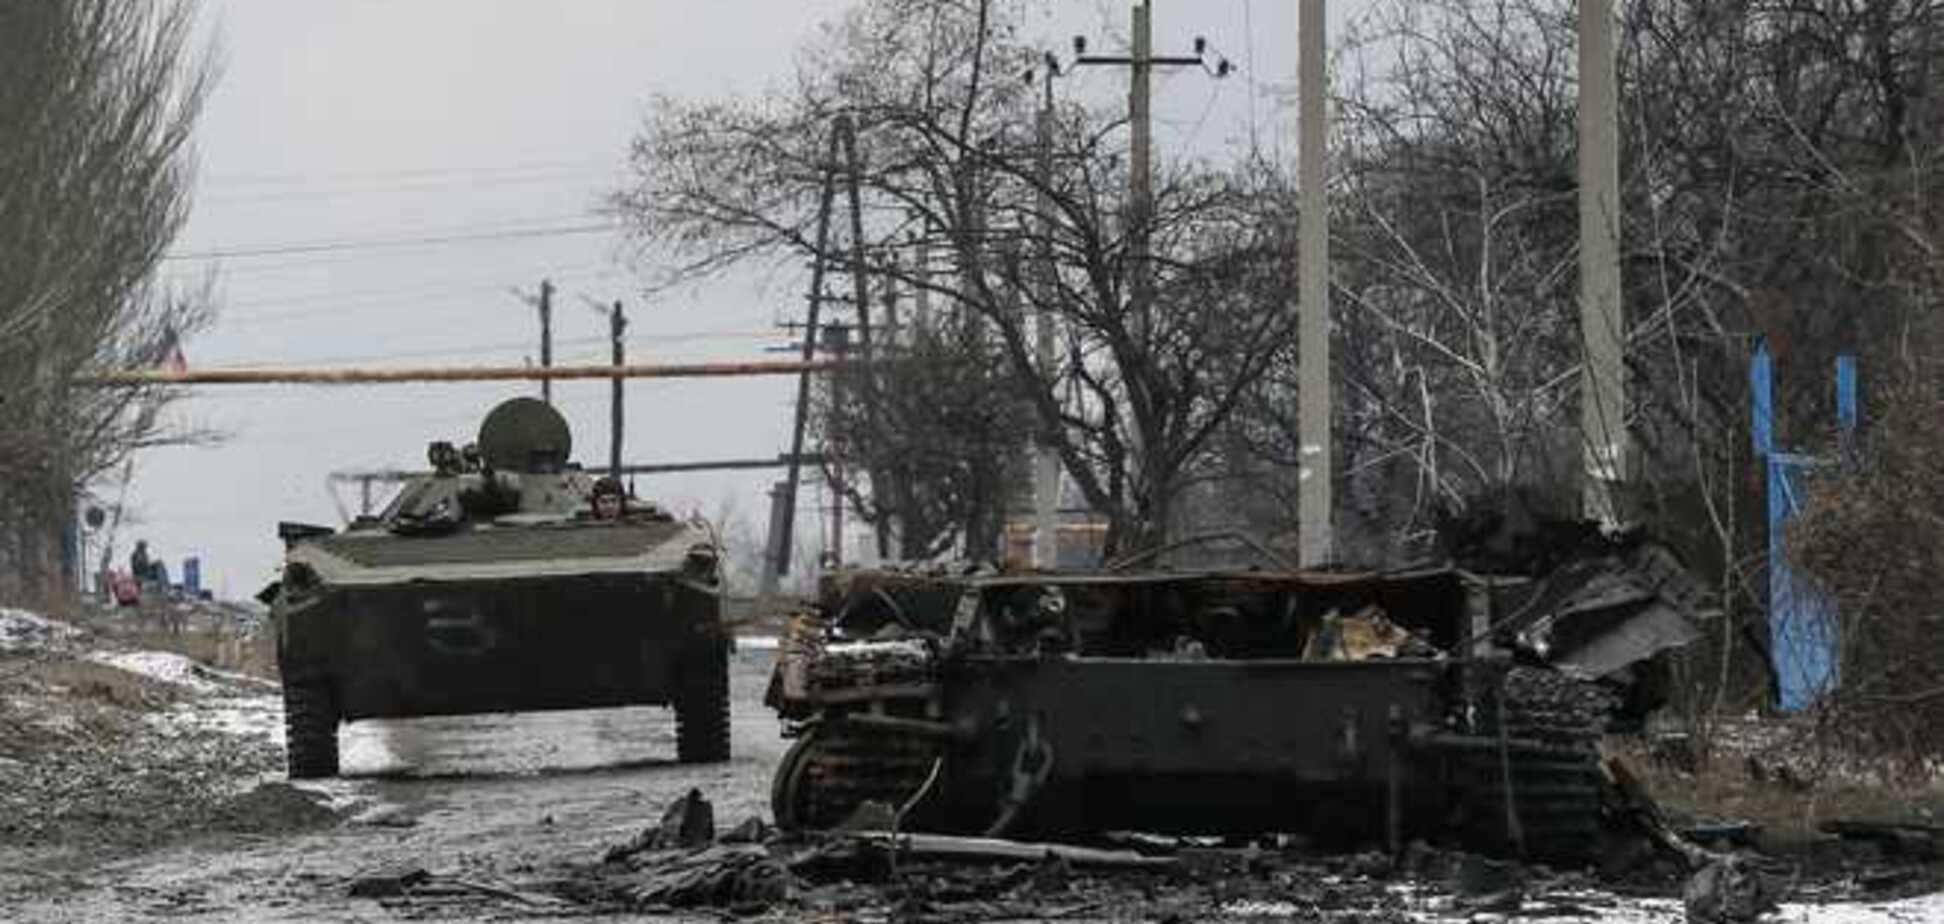 Штаб АТО сообщает о соблюдении боевиками перемирия, несмотря на потерю Чернухино